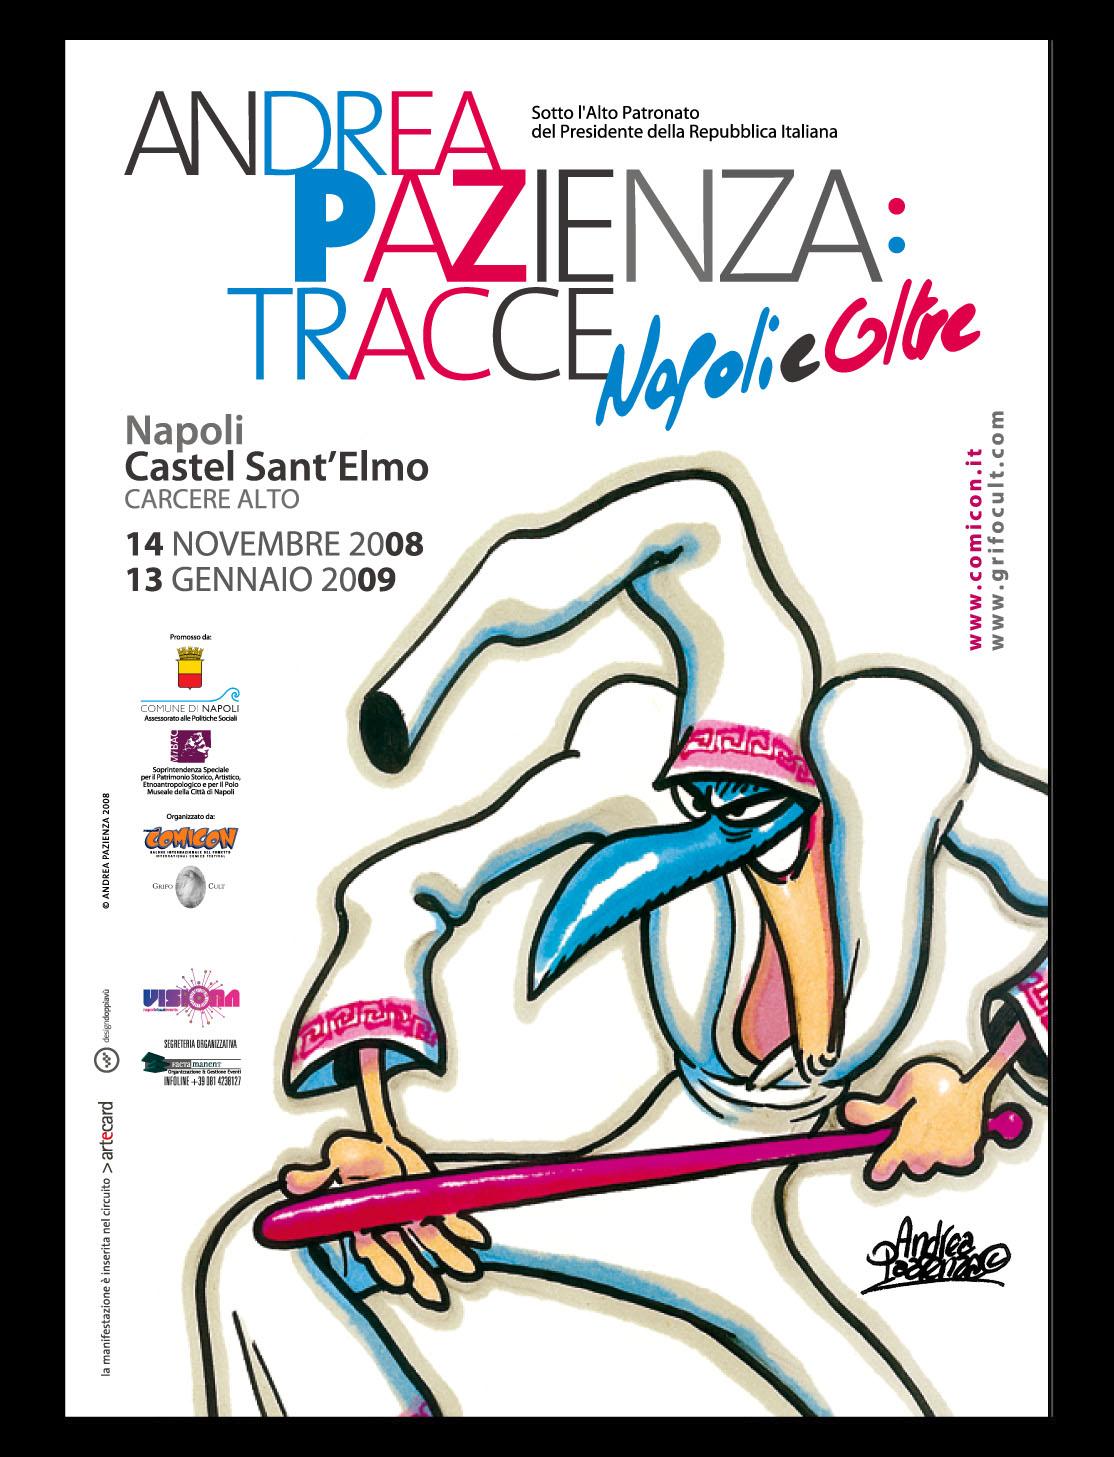 Andrea Pazienza mostra Napoli